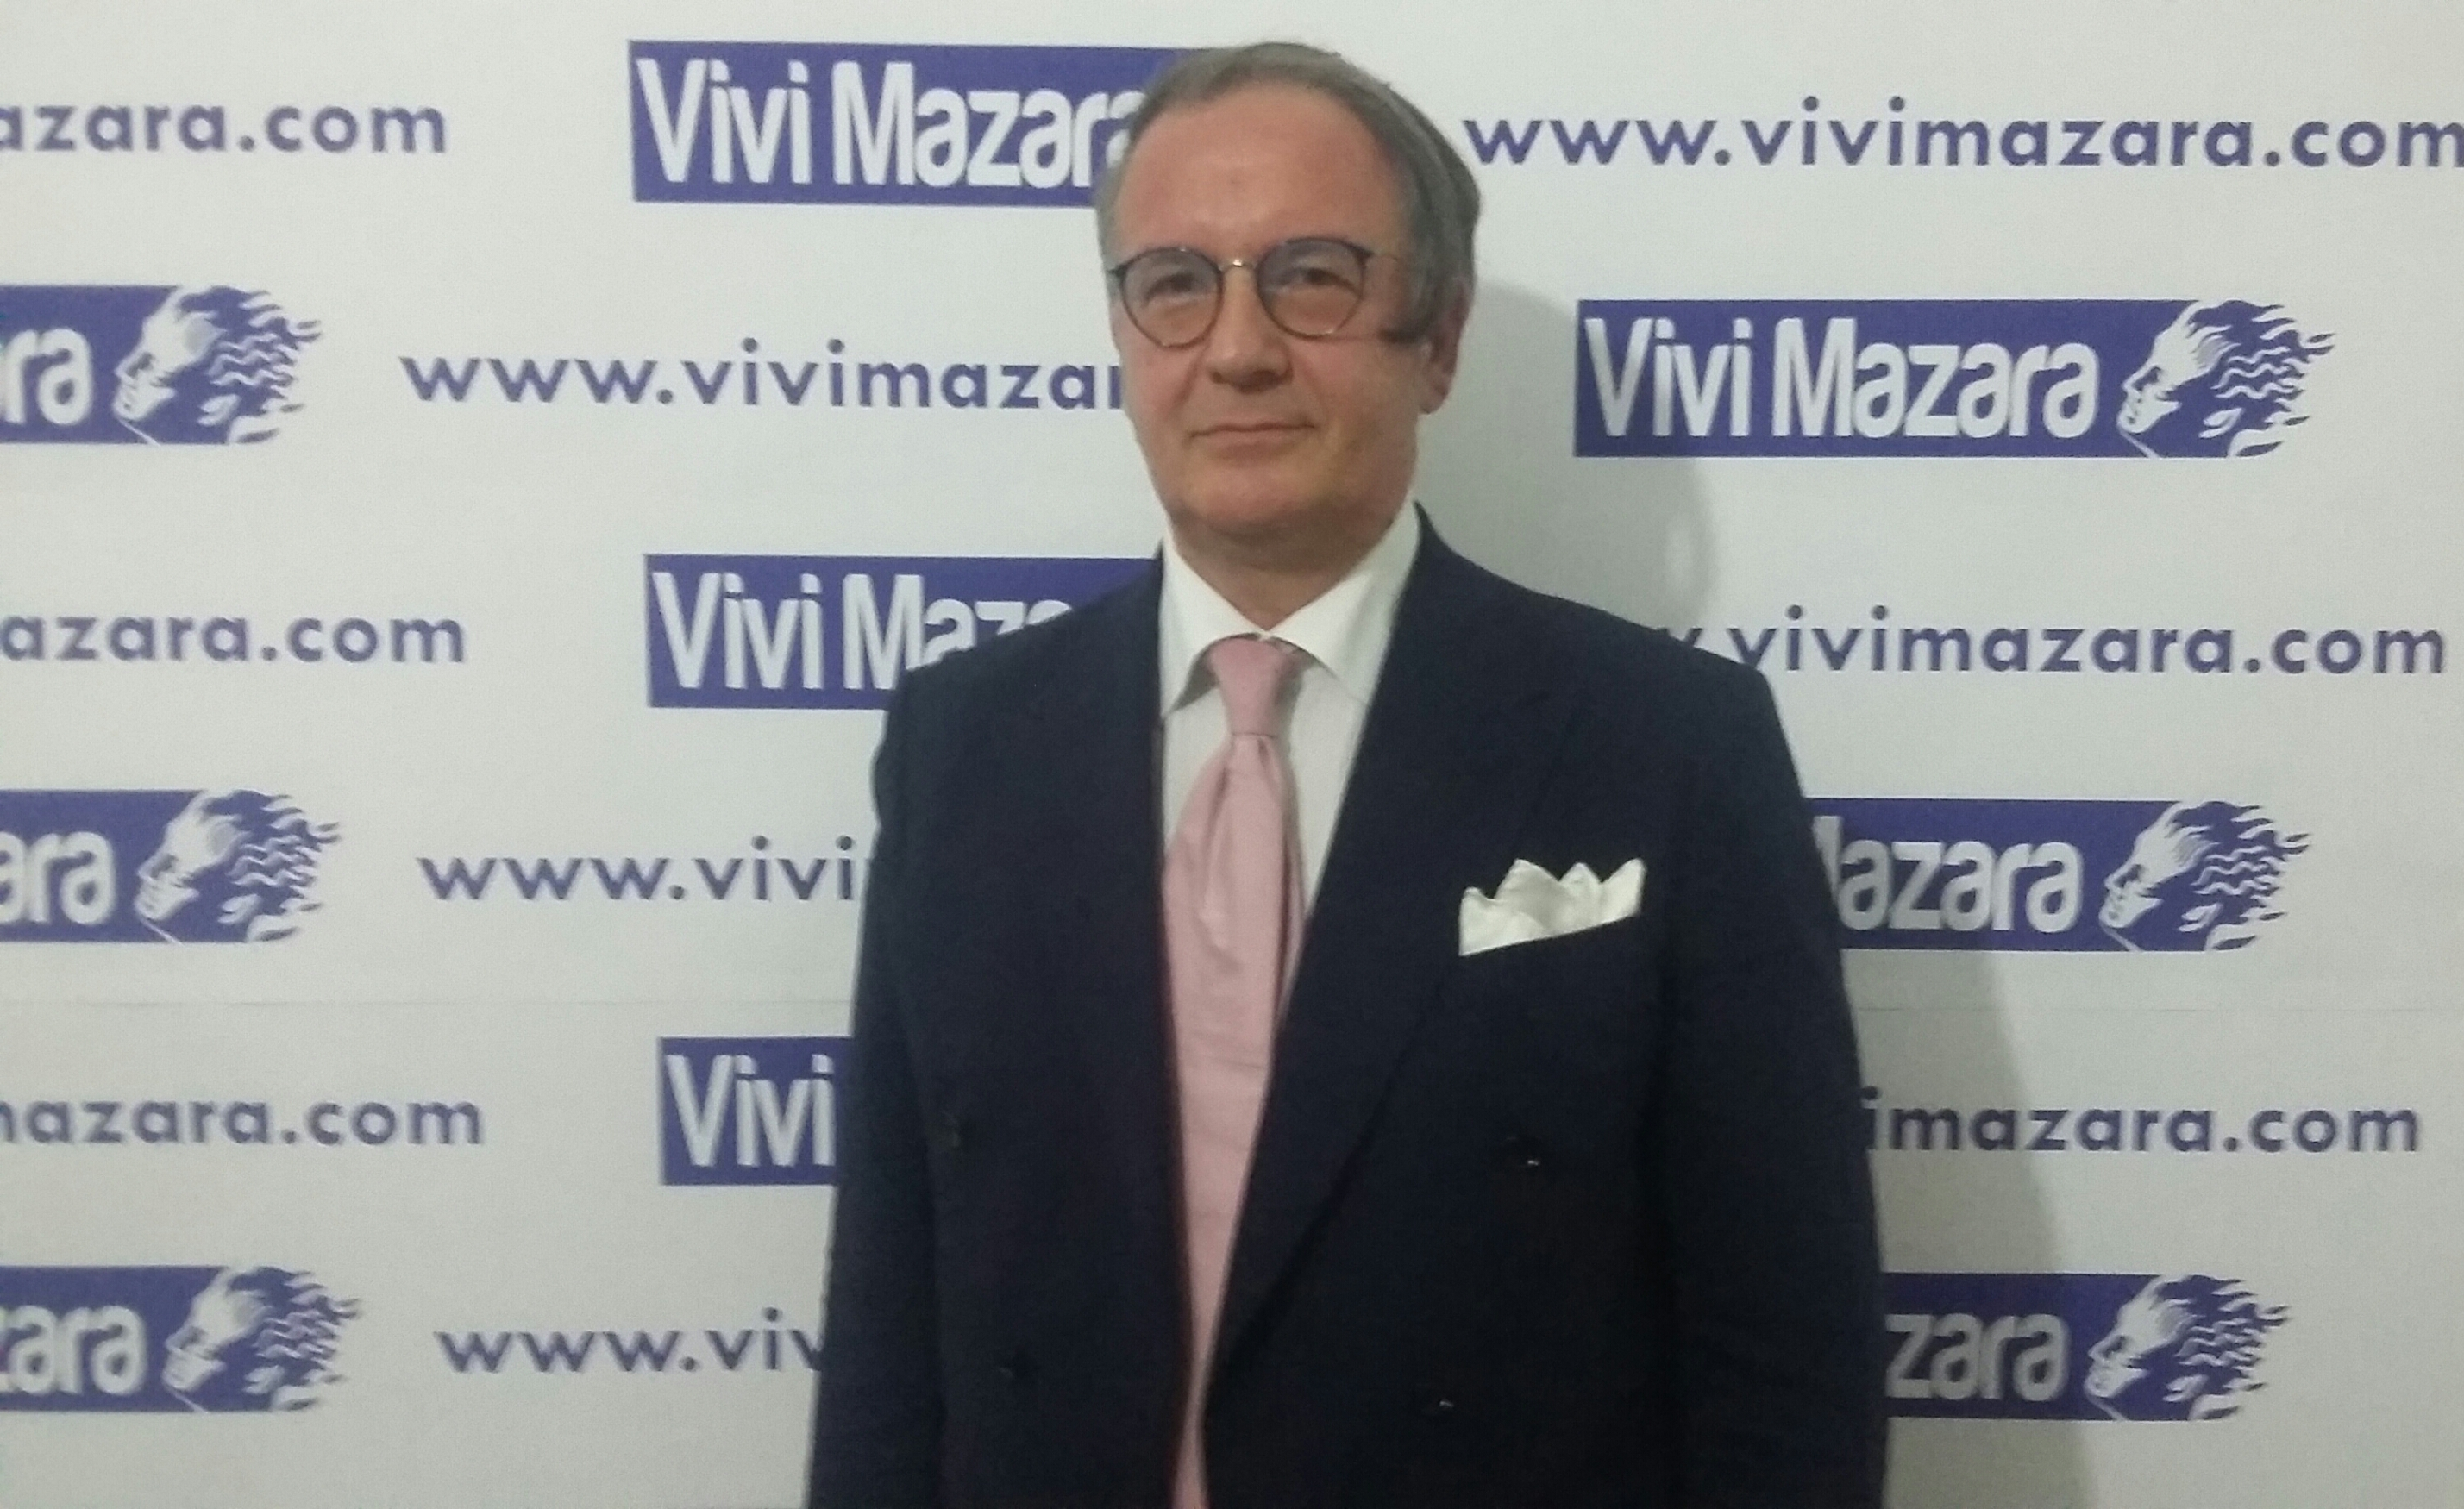 Mazara: Dimissioni dal Dipartimento Giustizia di Forza Italia e dal partito dell'avv. Gaspare Morello